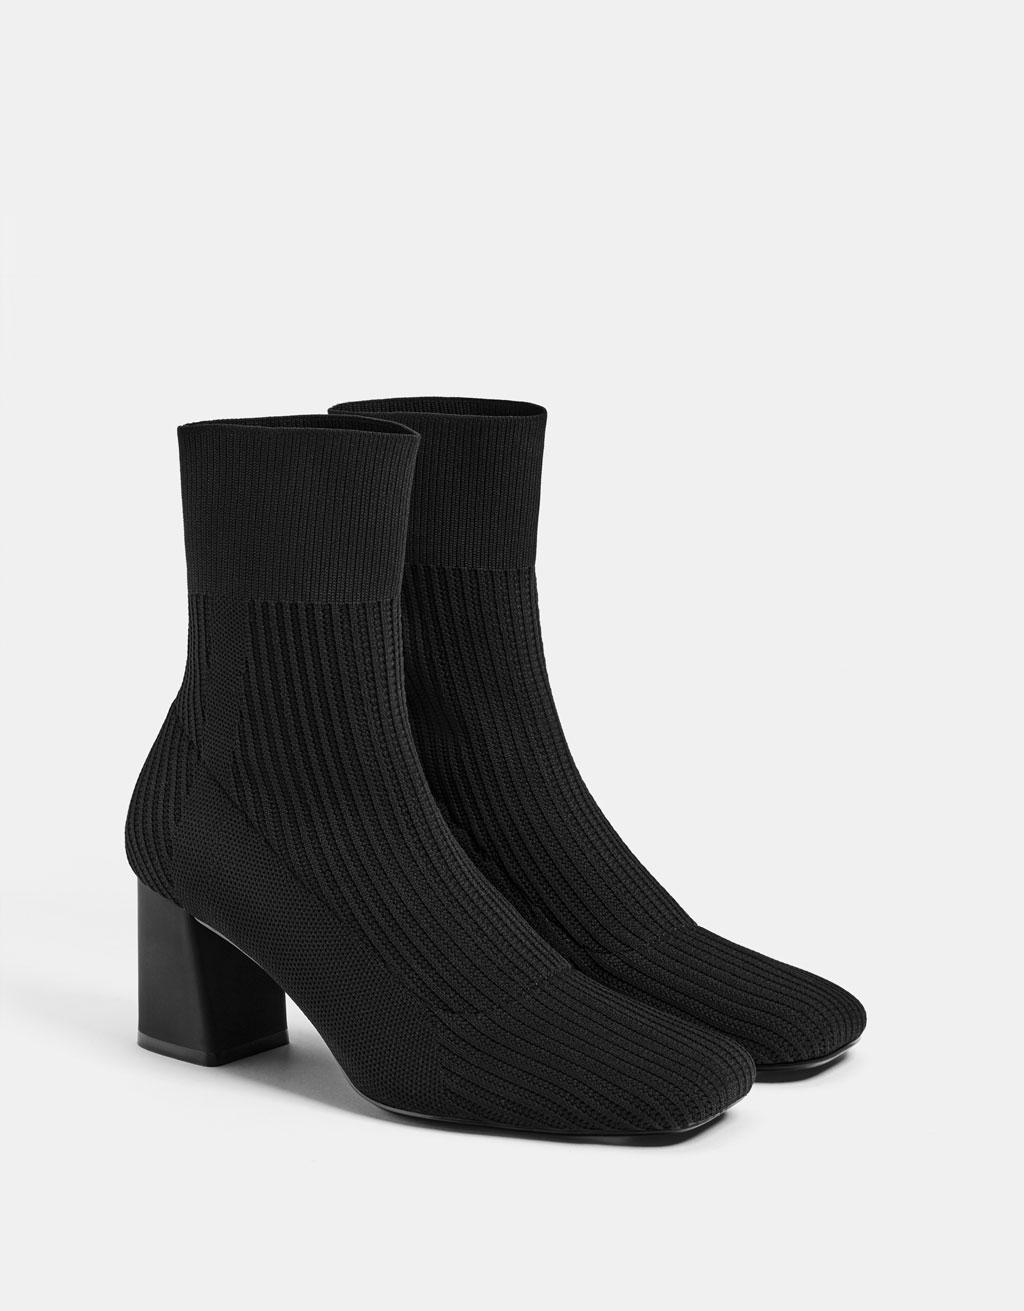 7c0c47ef9dba Mid-heel sock-style ankle boots - Shirts - Bershka Tunisia